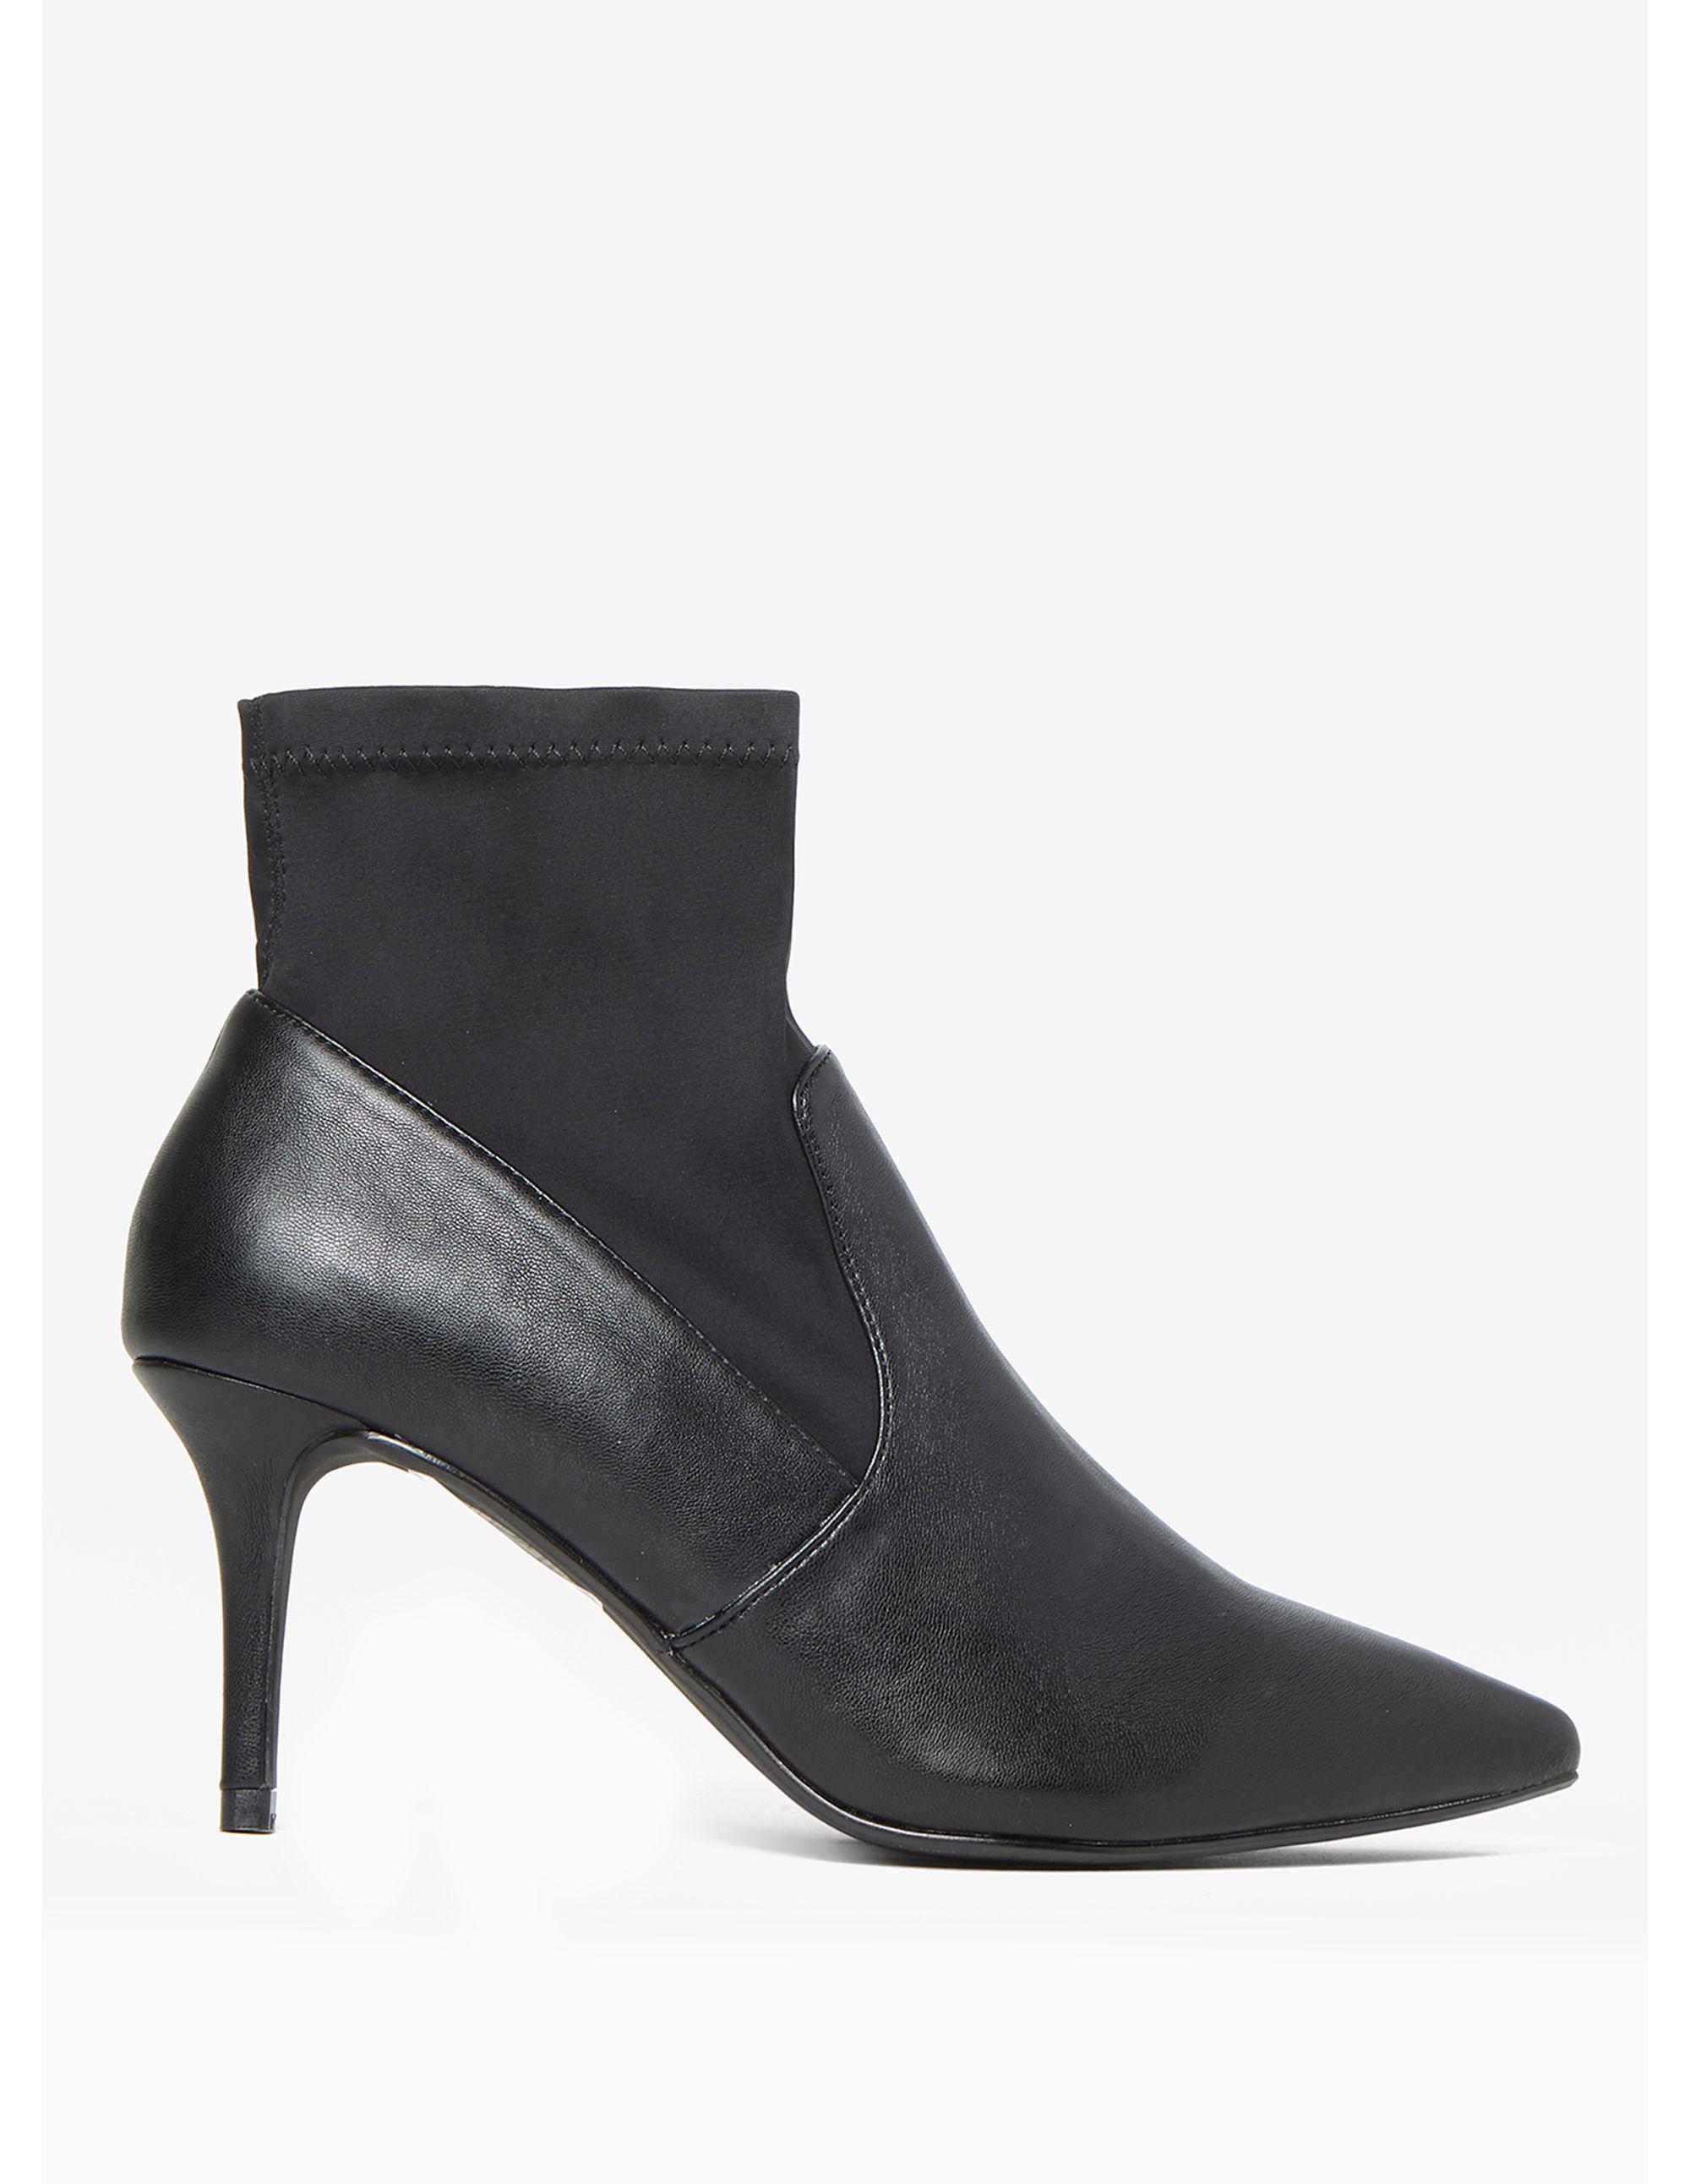 117b8af5e233 Dorothy Perkins Black Motion Sock Boots in Black - Lyst